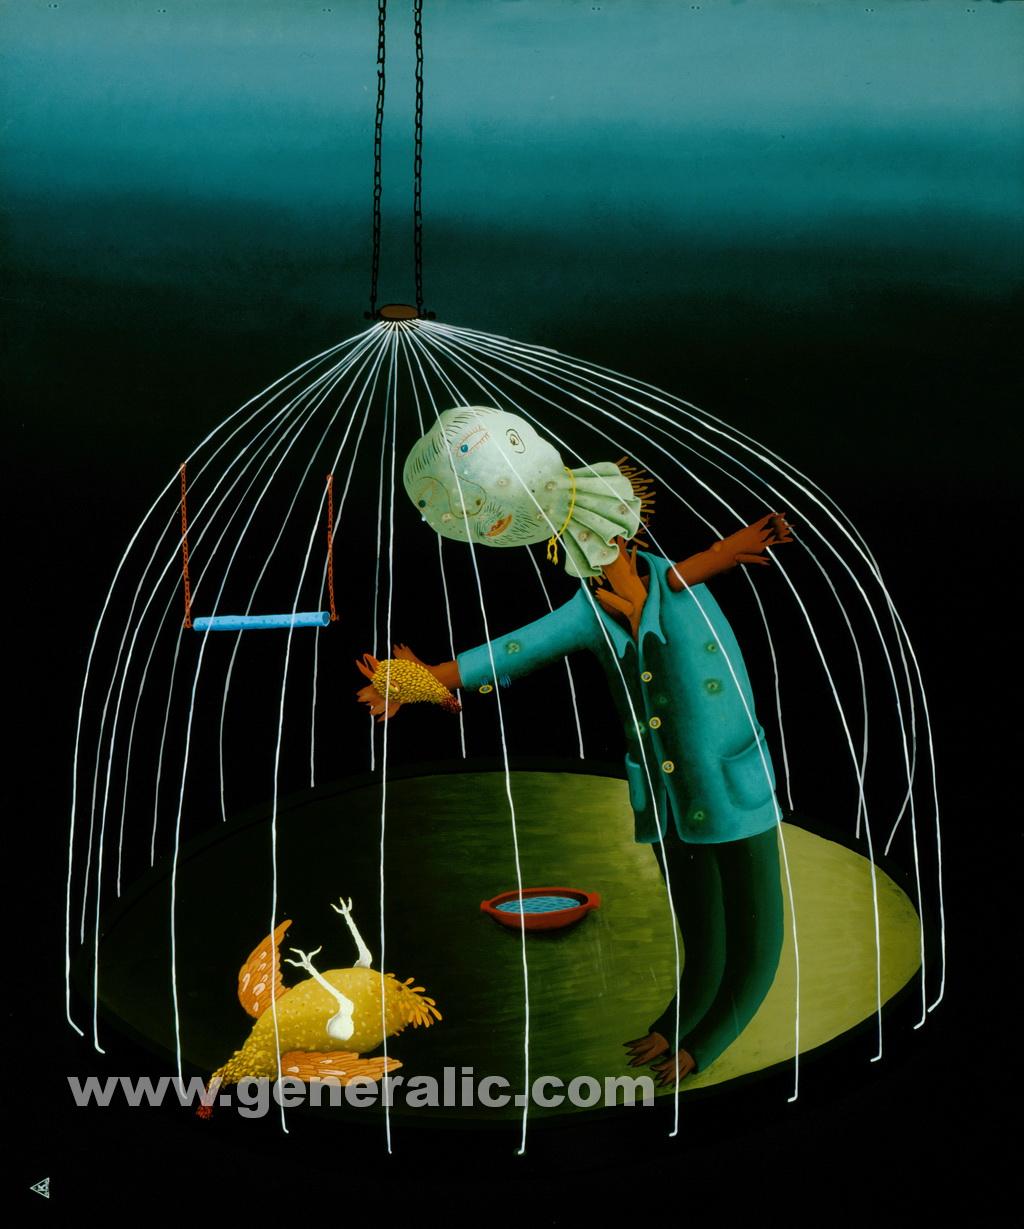 Josip Generalic, 1978, Tears over a dead bird, oil on glass, 120x100 cm